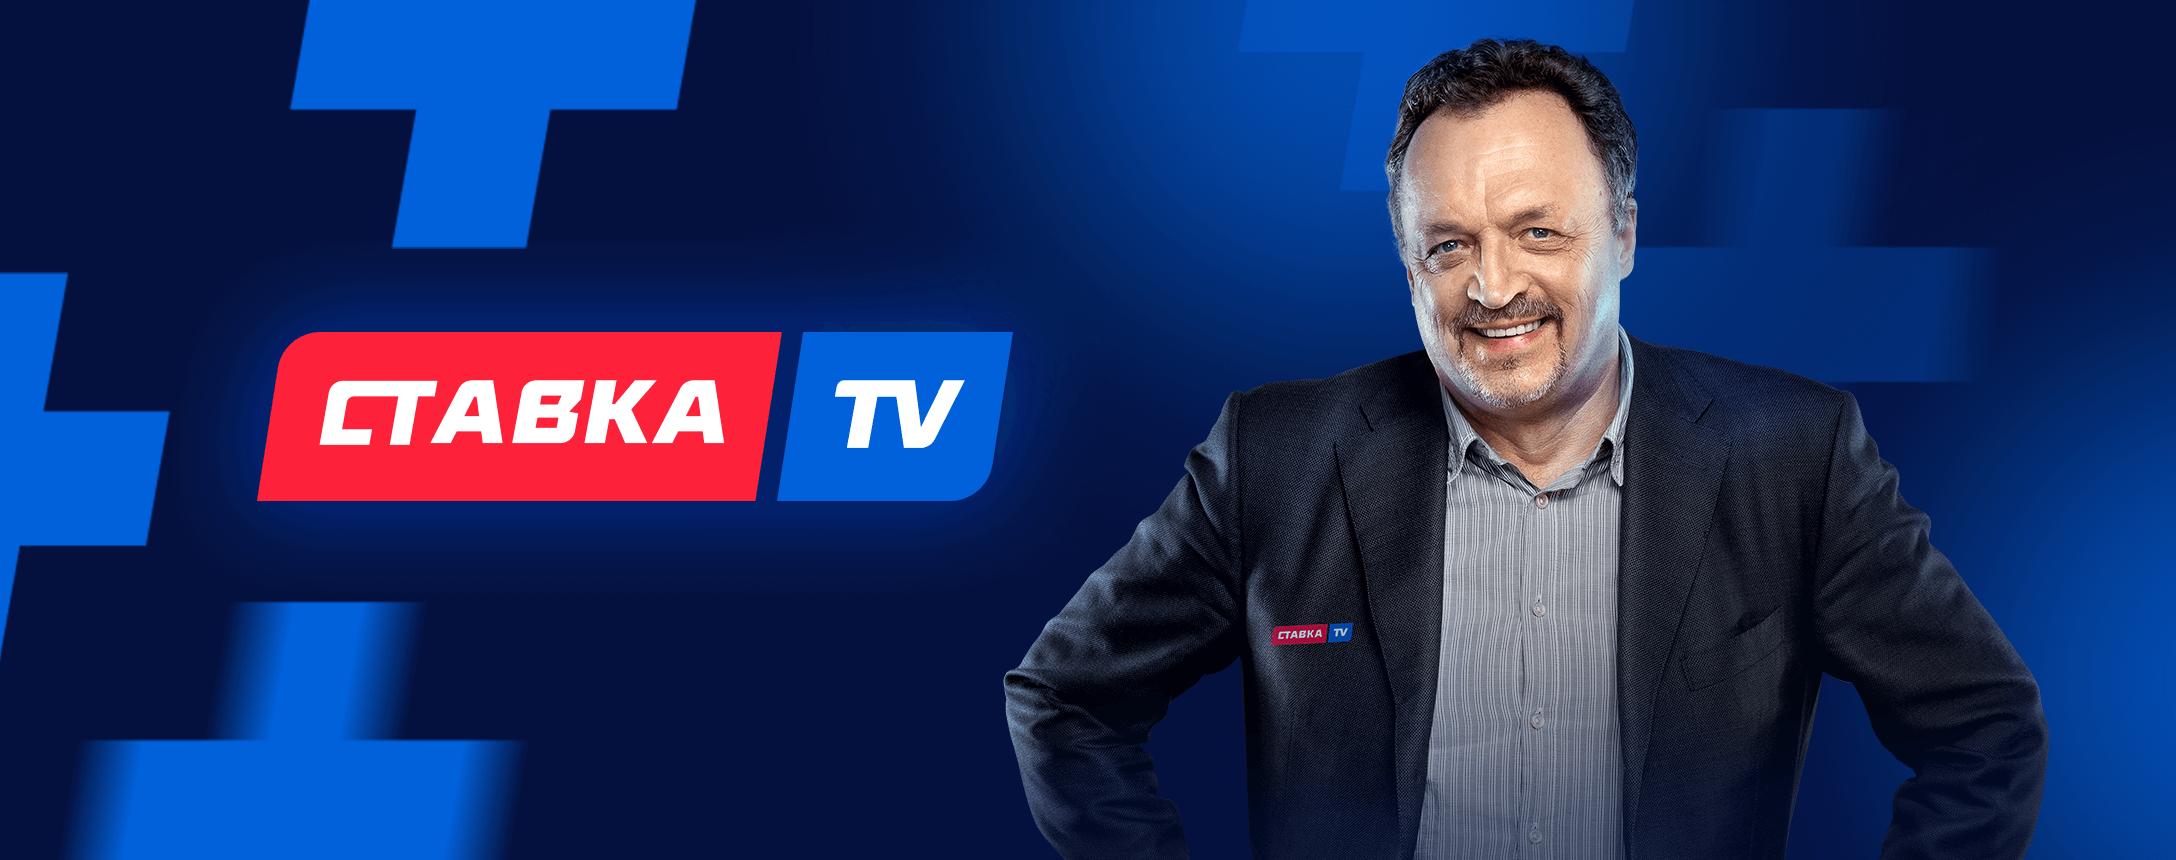 STAVKA TV